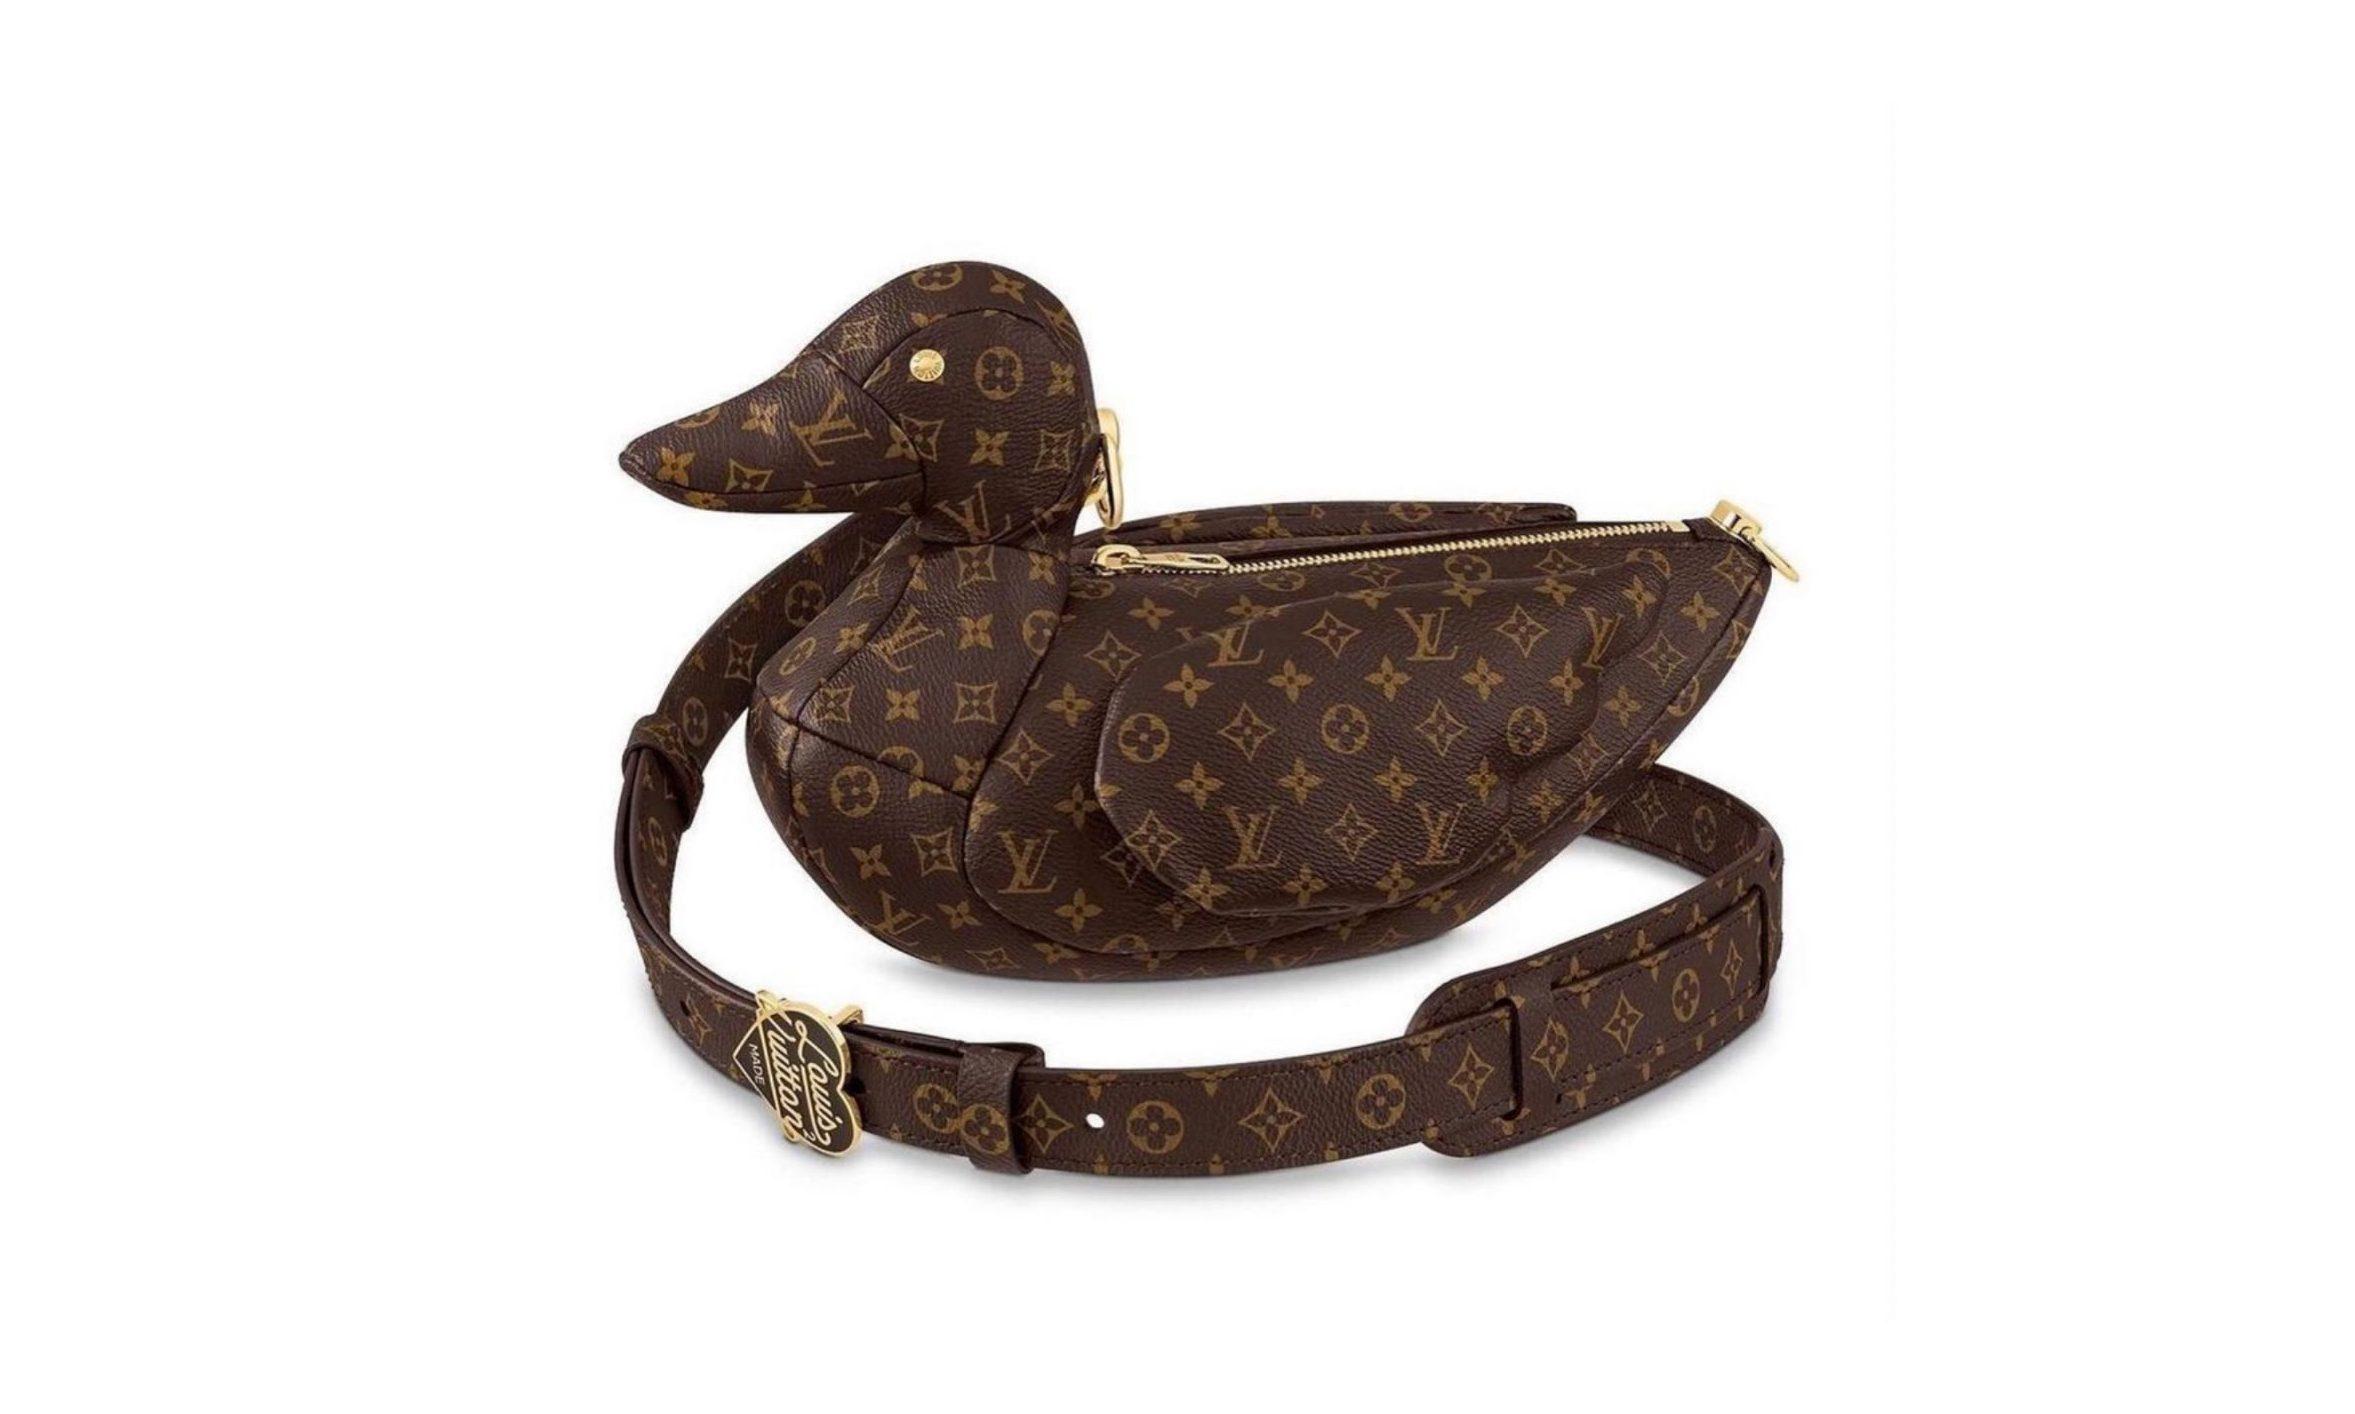 NIGO x LOUIS VUITTON 联名系列鸭子包袋 11 月发售